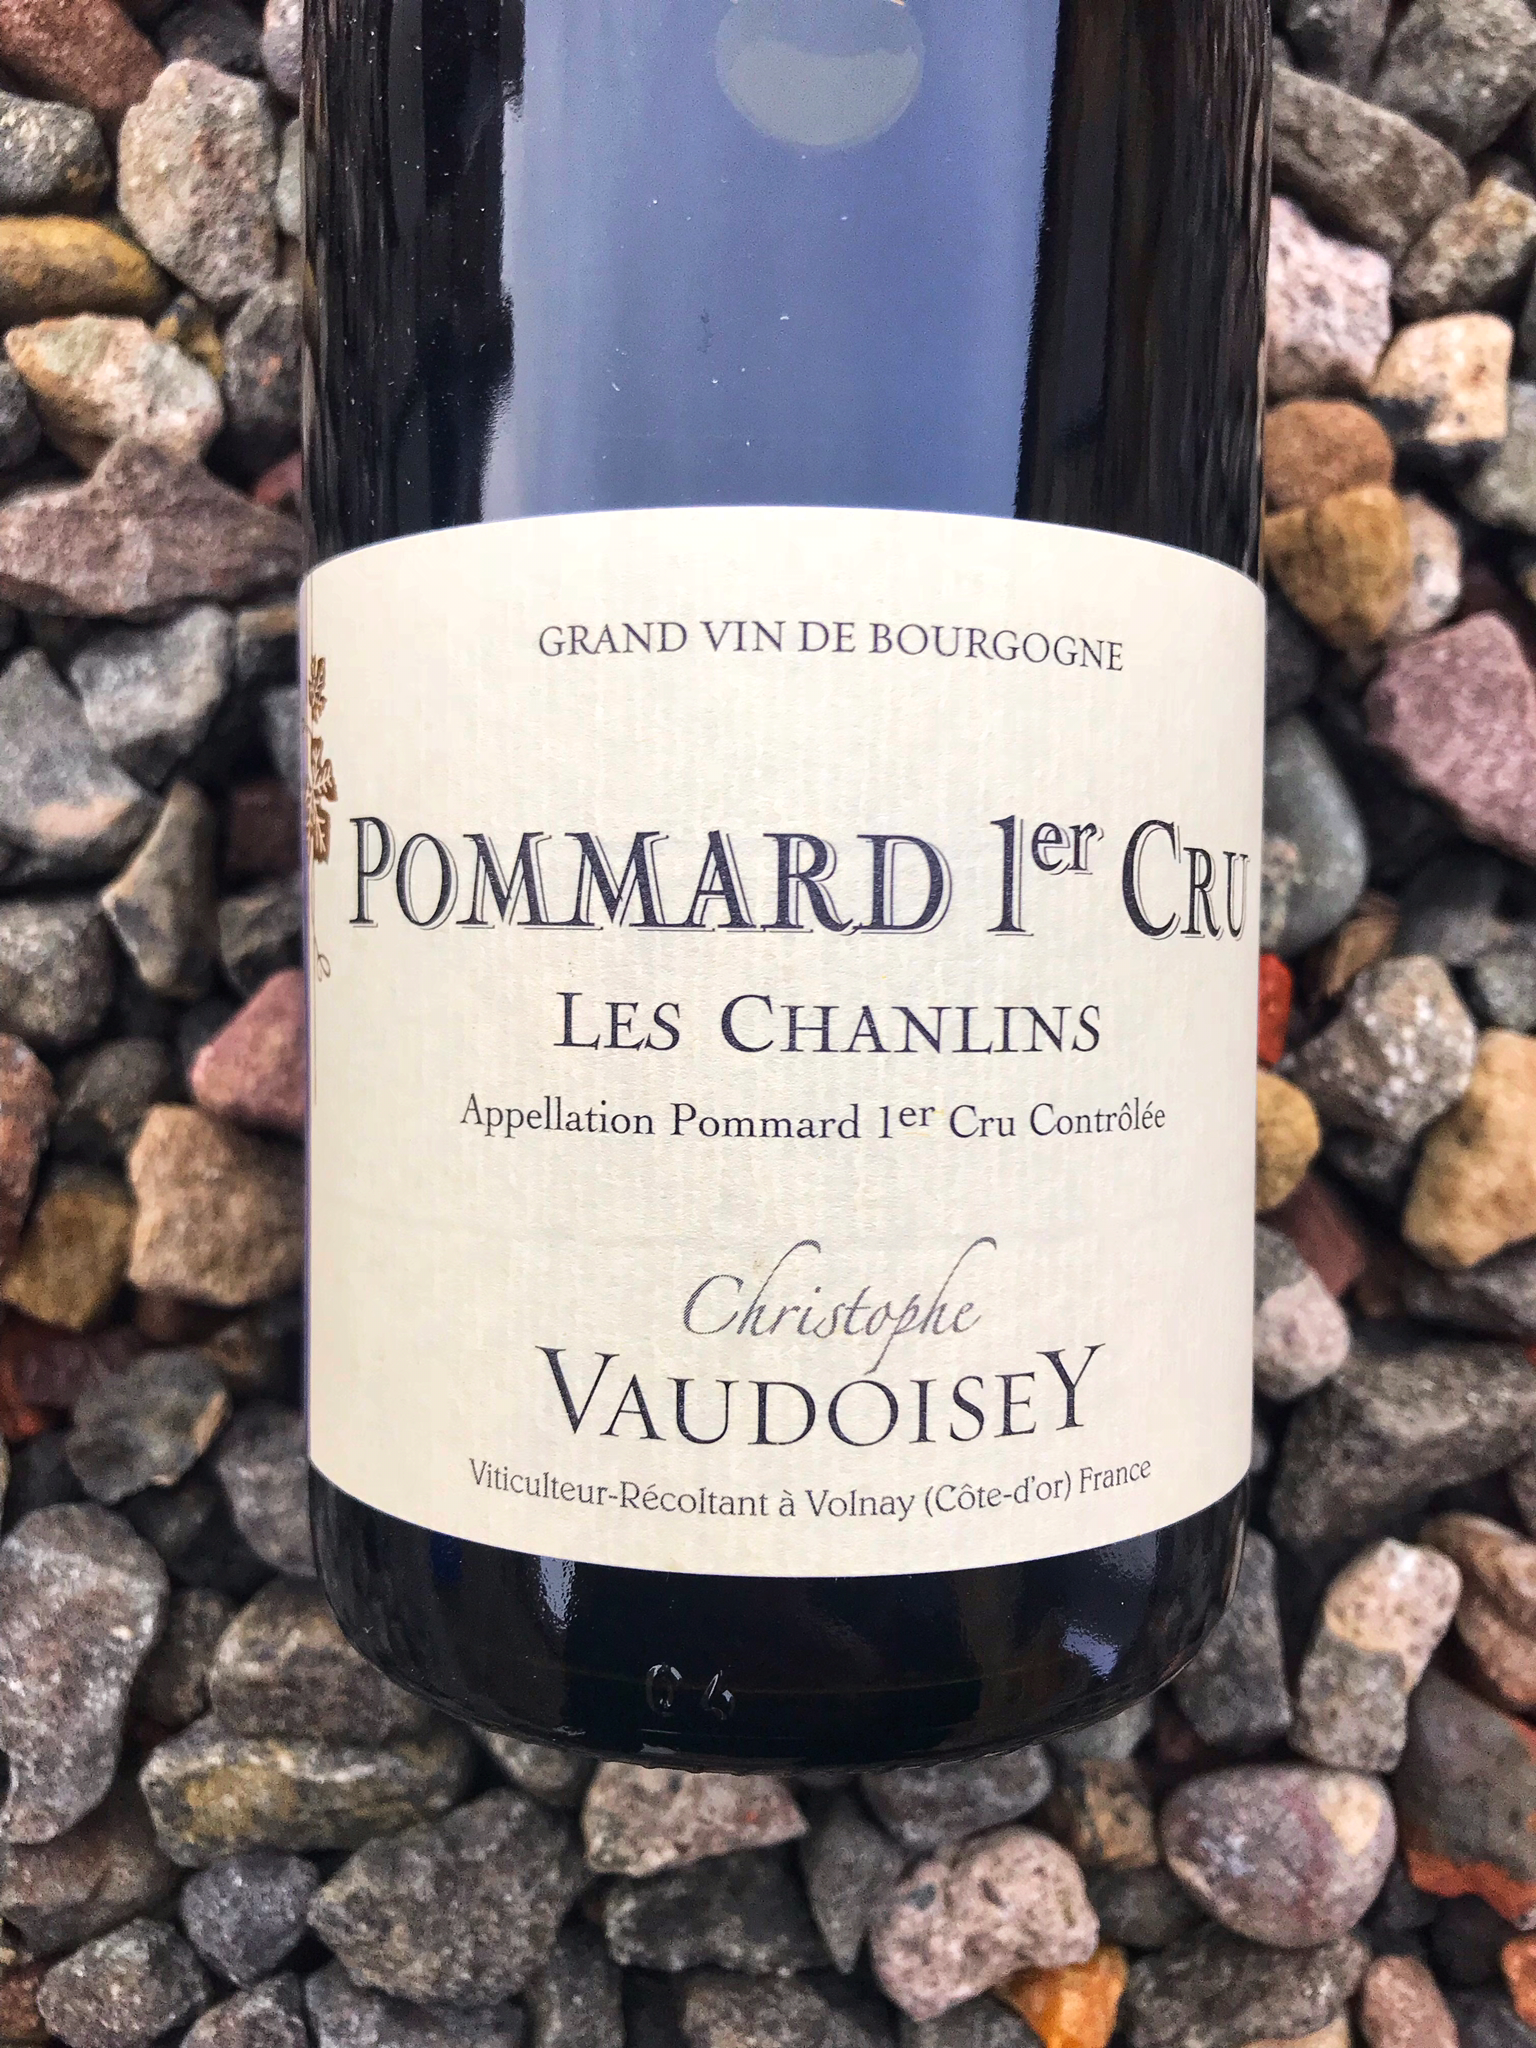 Domaine Christophe Vaudoisey Pommard 1er Cru 'Chanlins' 2015 00213